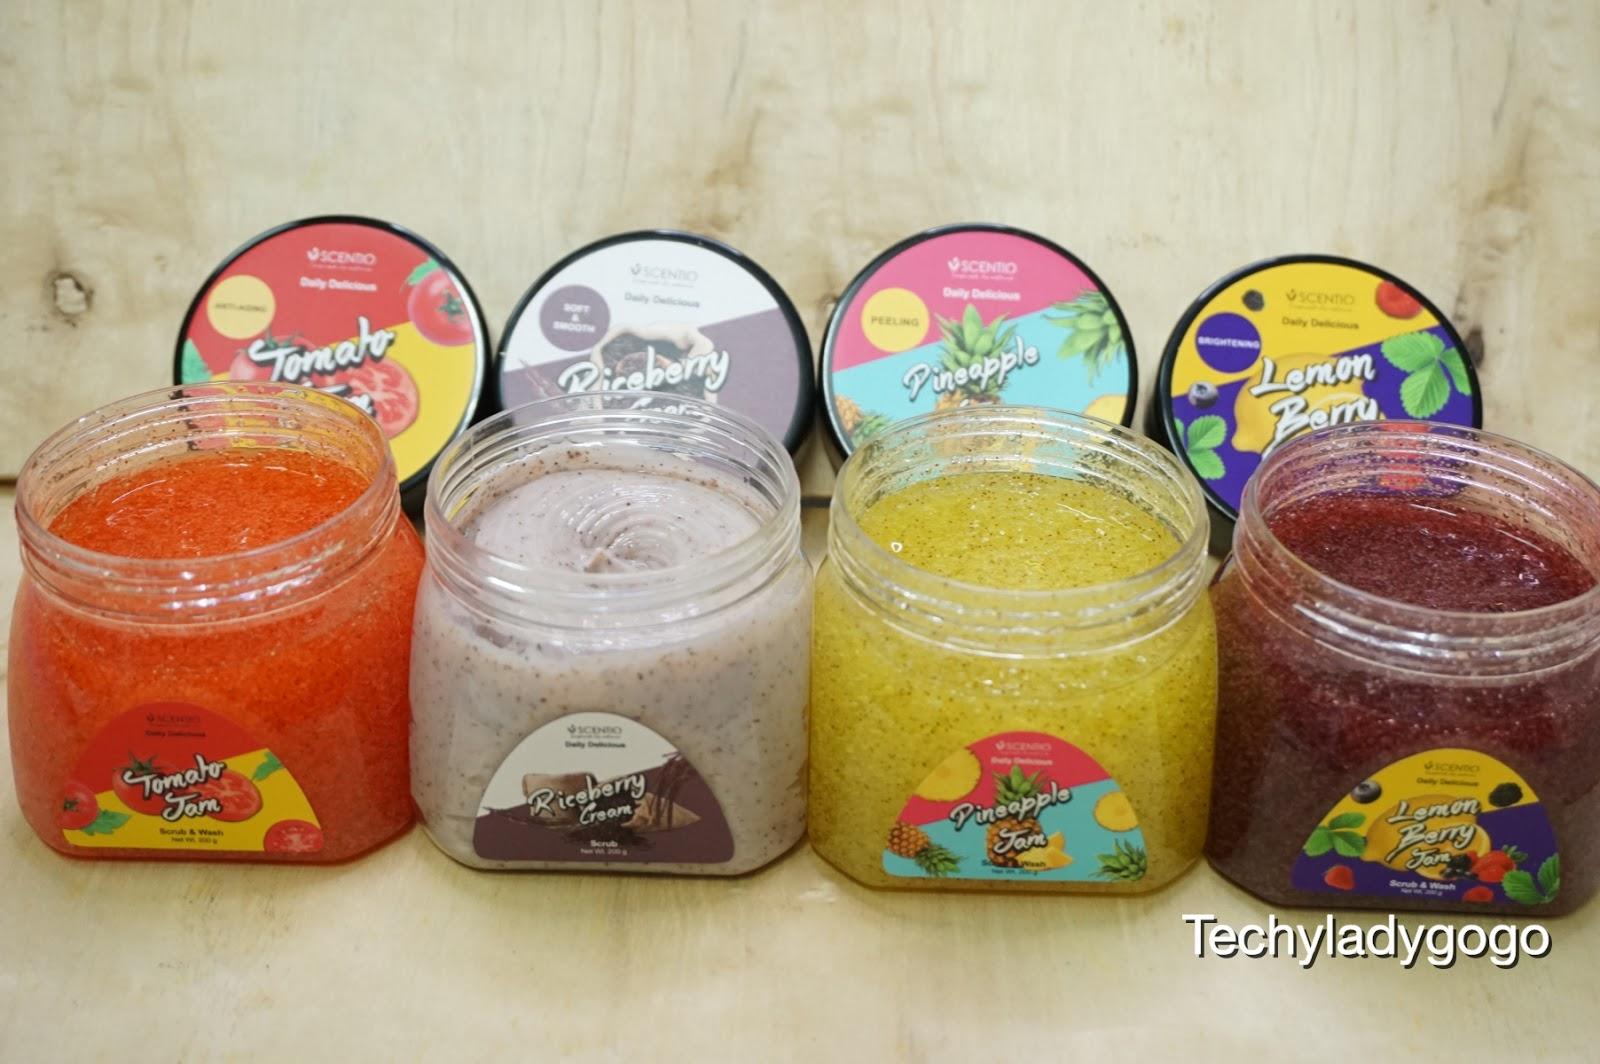 รีวิว SCENTIO DAILY DELICIOUS JAM SCRUB & WASH เจลอาบน้ำขัดผิว 4 สูตรน่าใช้ น่ากินจาก BEAUTY BUFFET